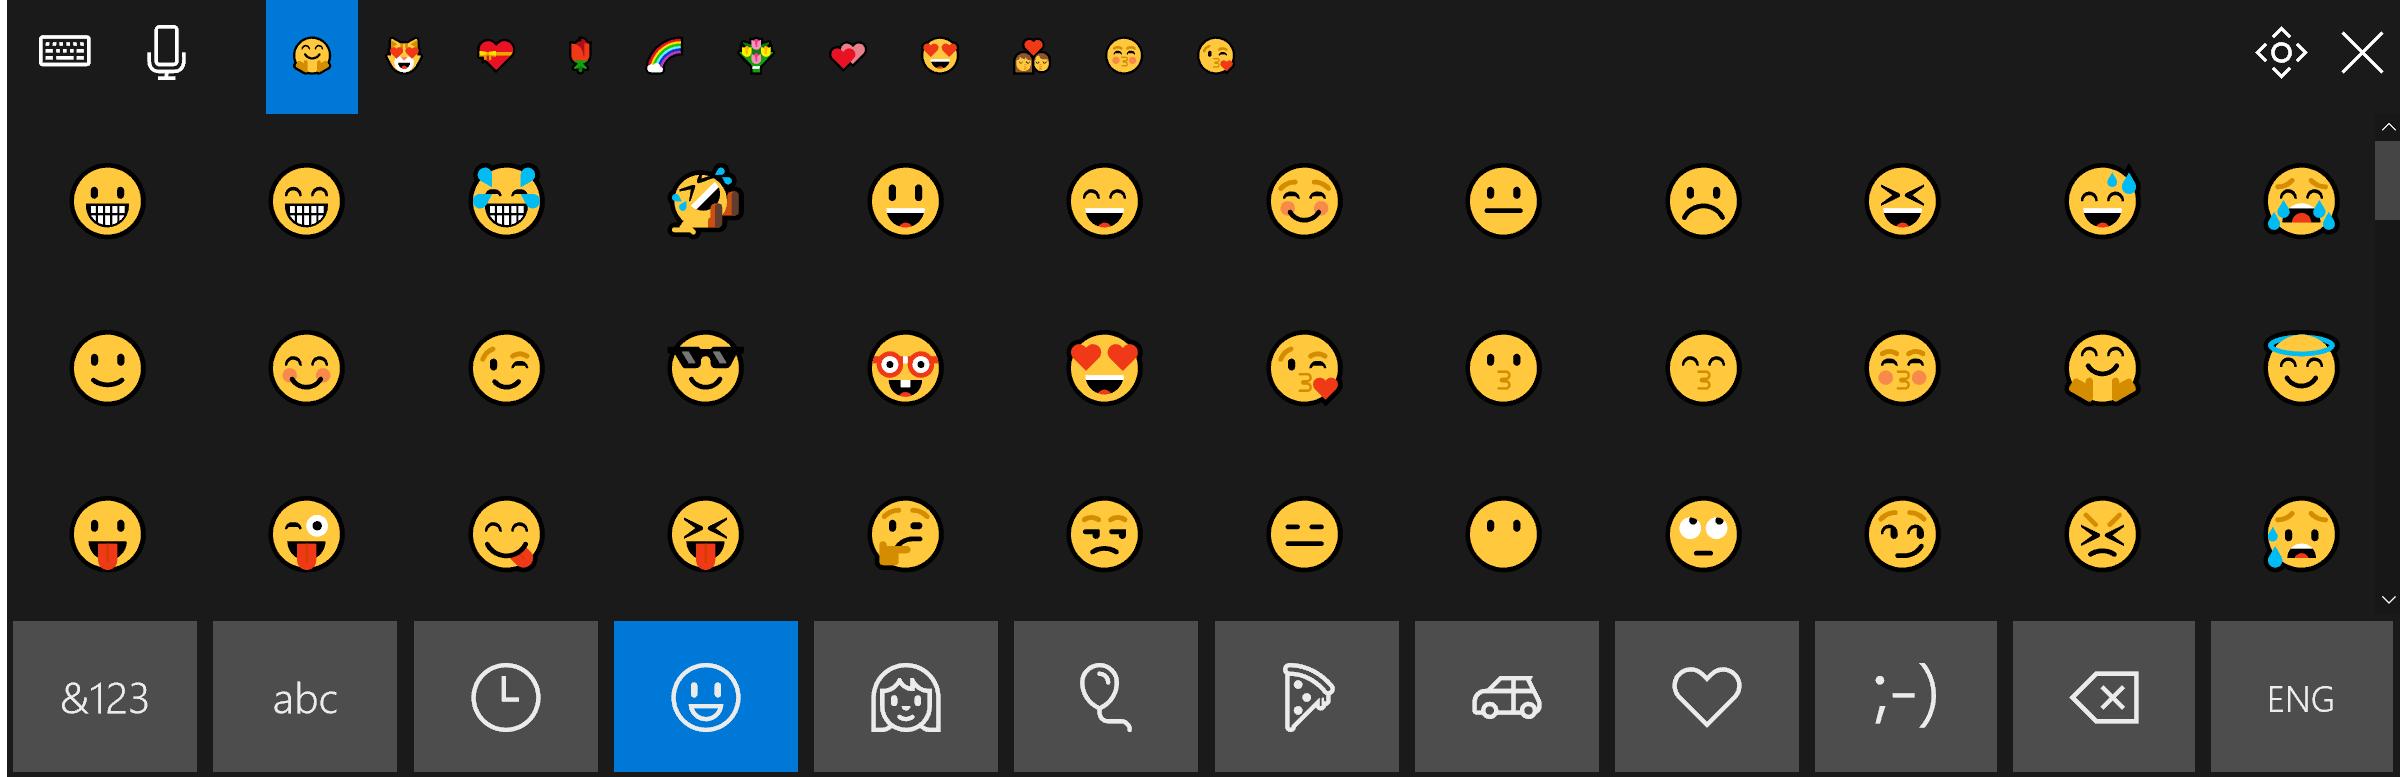 Скачать клавиатуру со смайлами на Андроид бесплатно